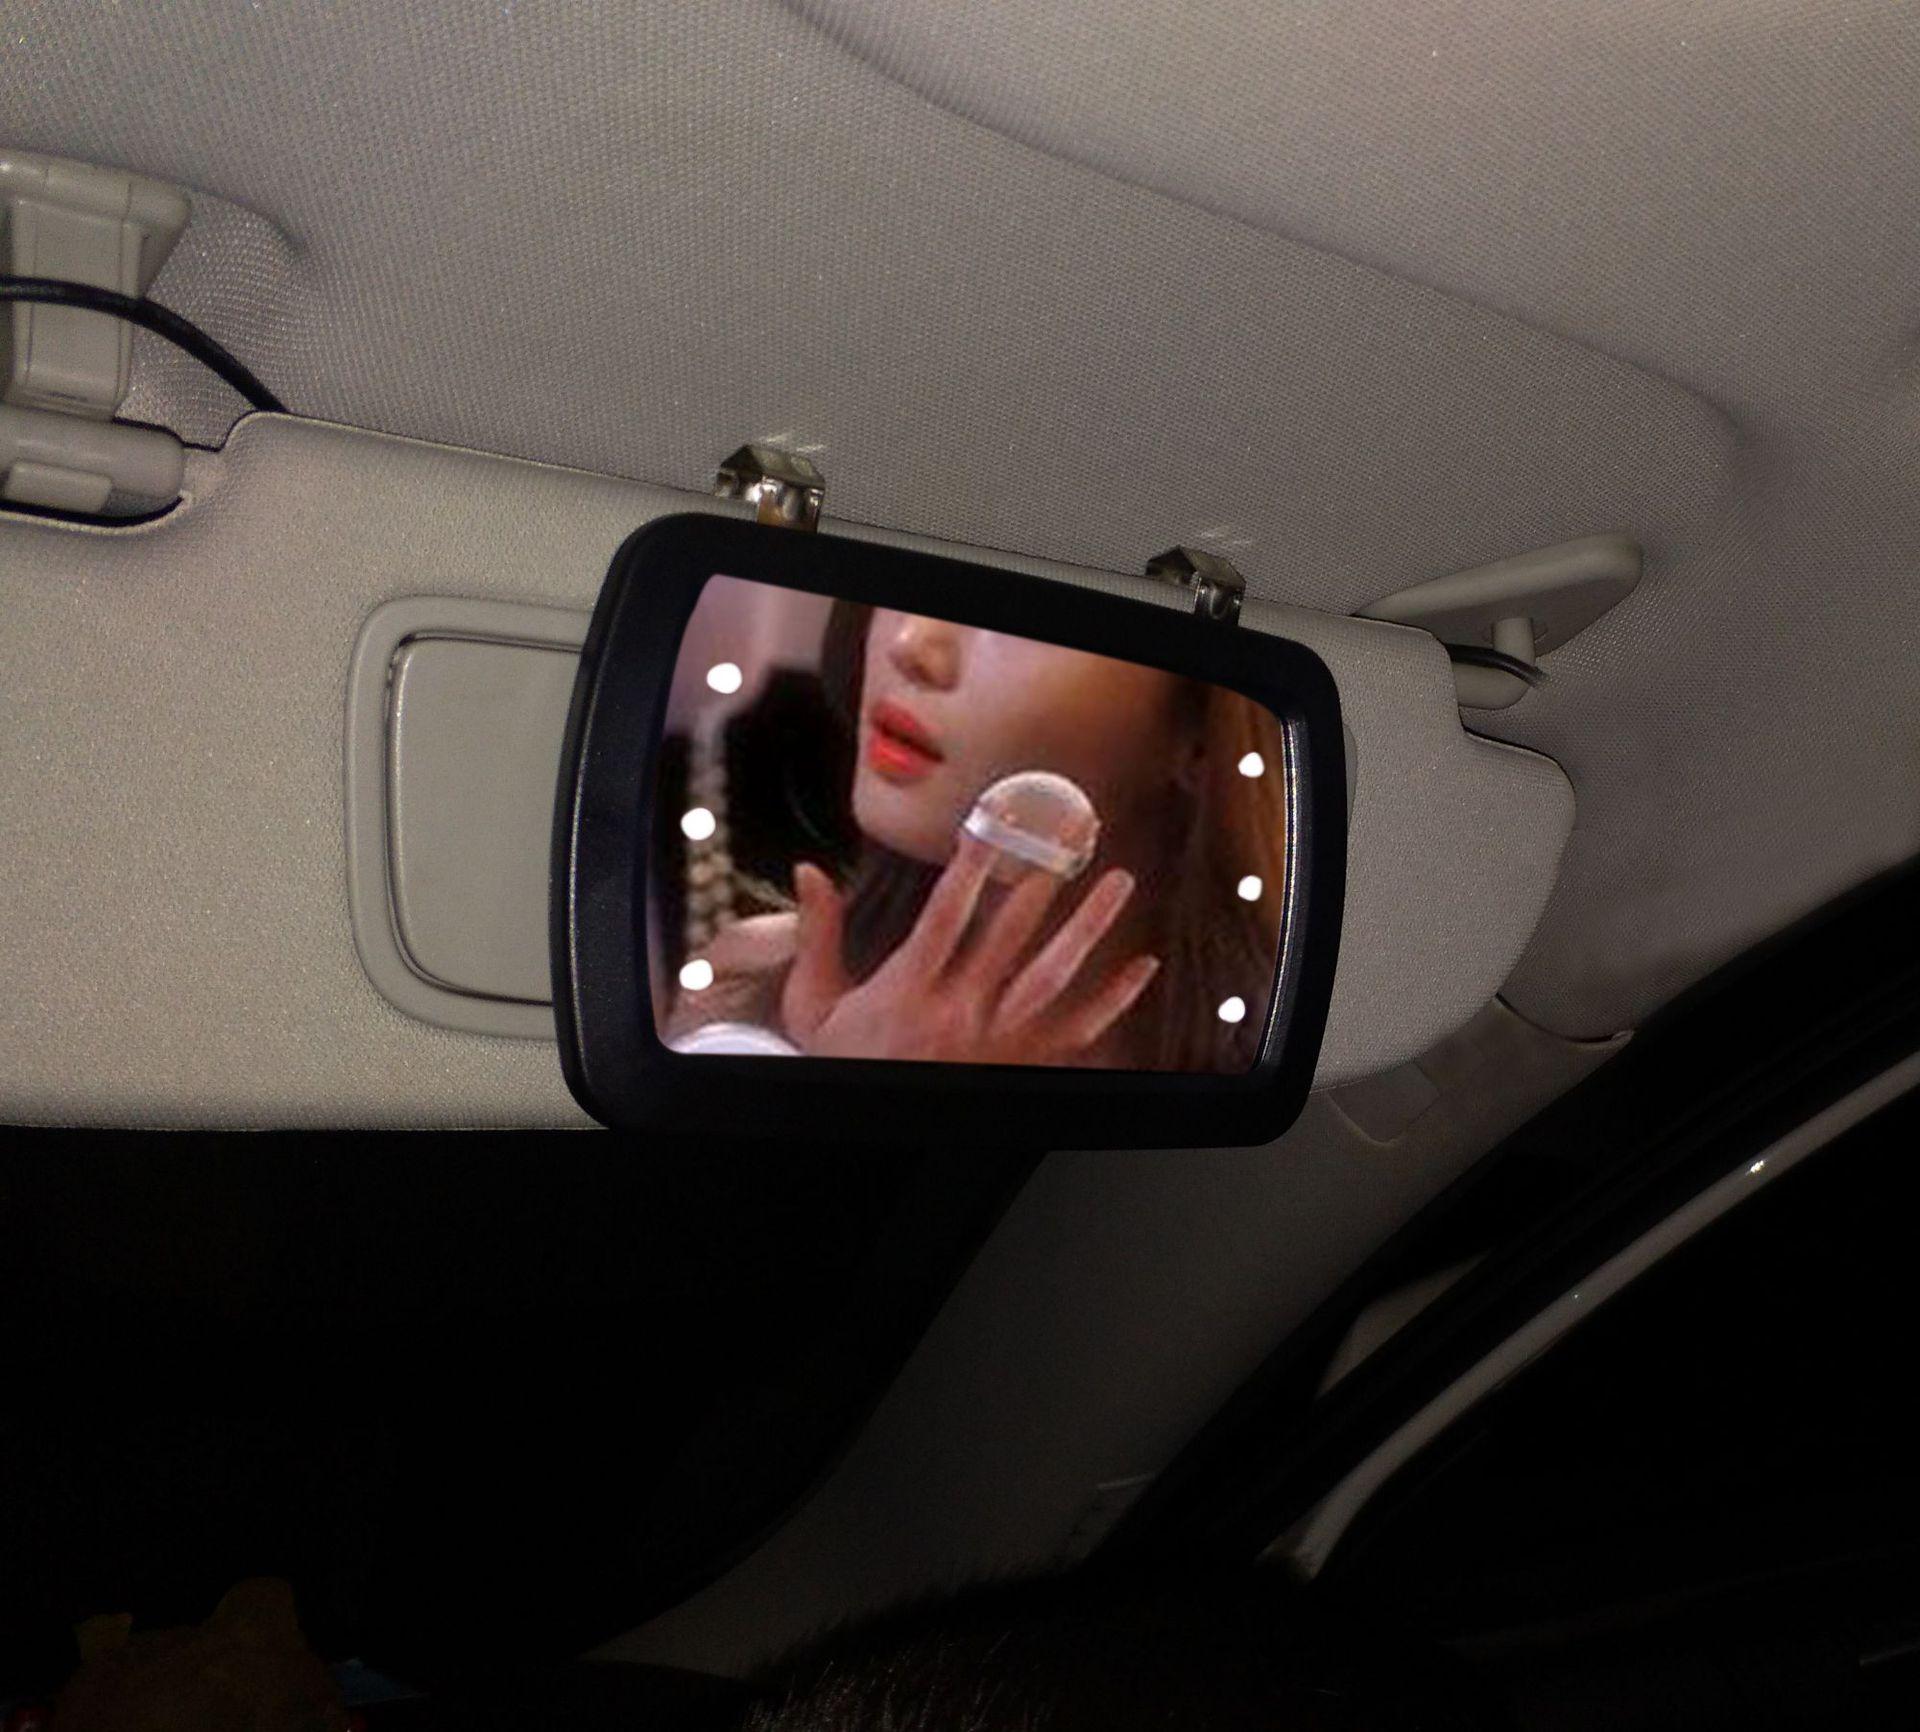 汽车车载遮阳板化妆镜车用梳妆镜触屏开关LED照明镜车内补妆镜